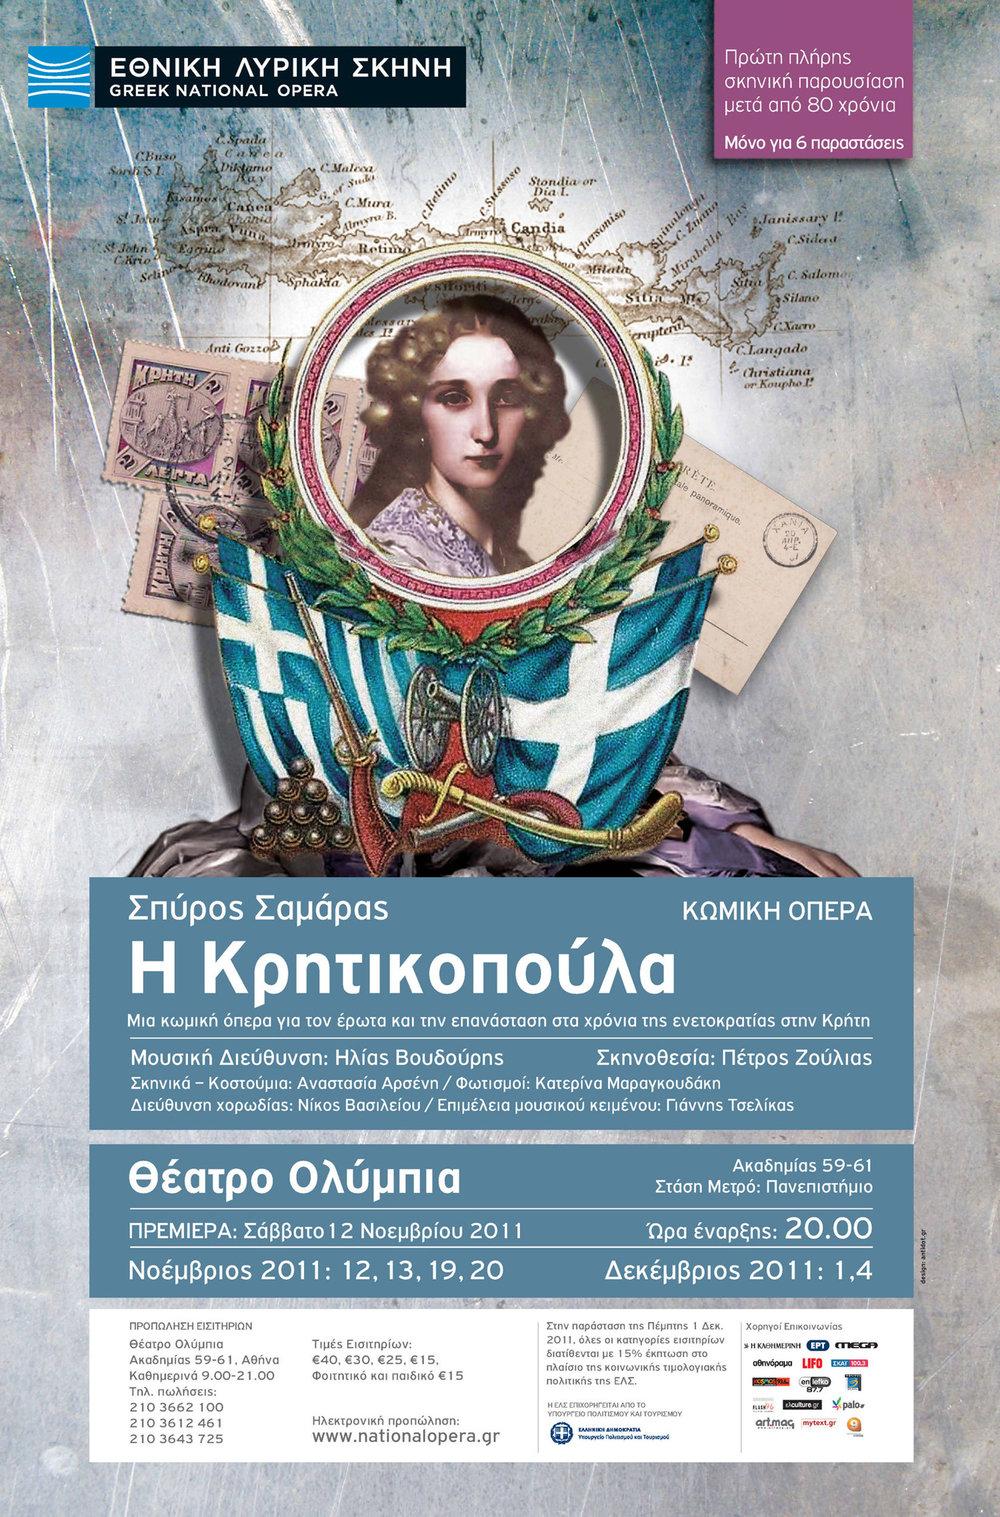 ELS_Krhtikopoula_POSTER (116x176) METRO 01 preview.jpg